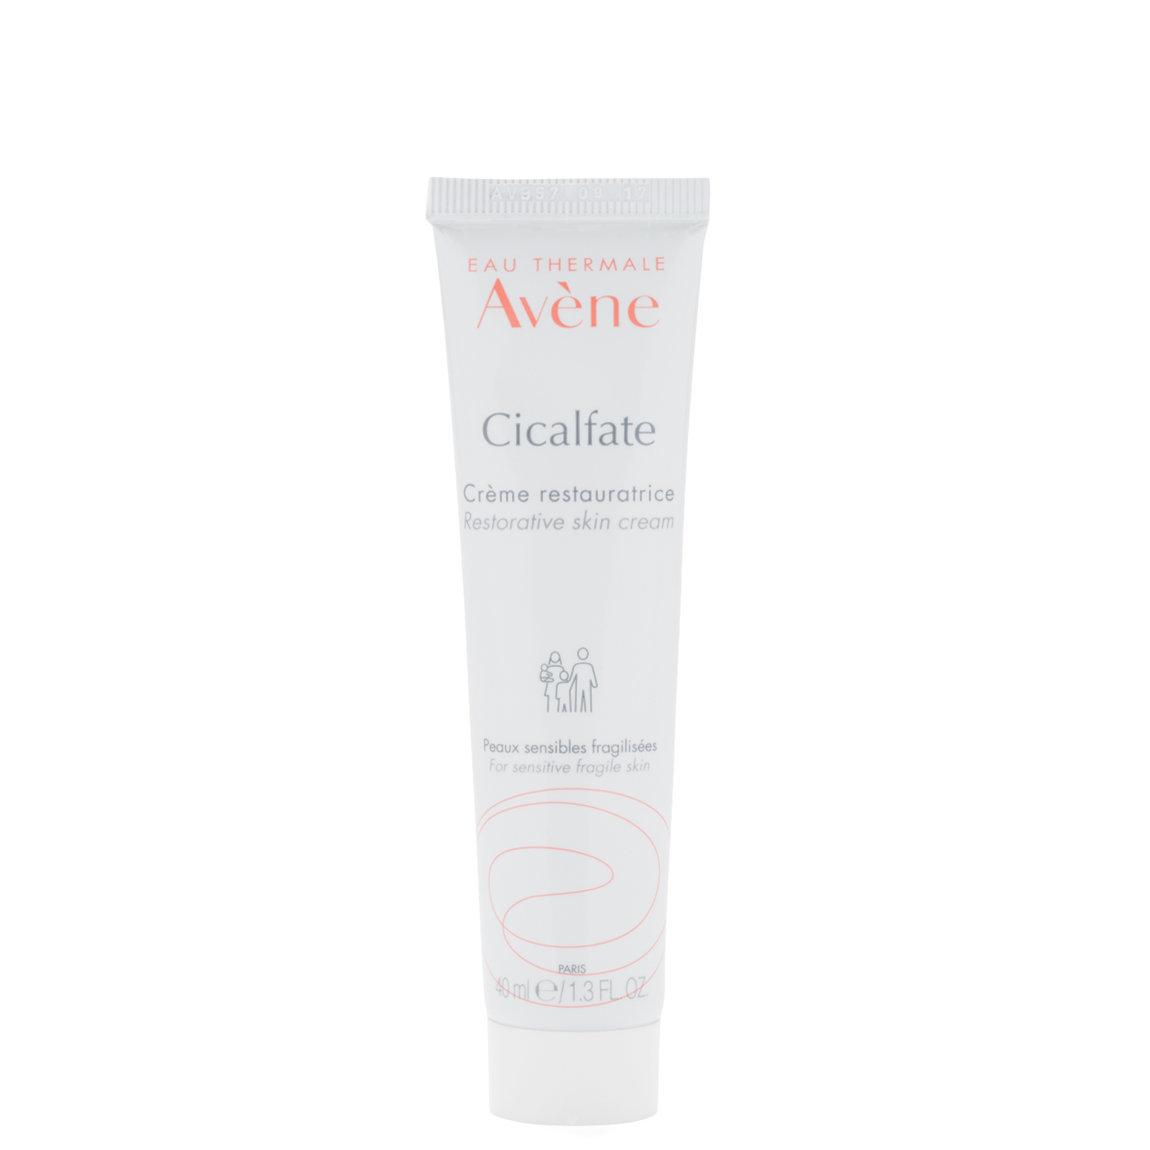 Eau Thermale Avène Cicalfate Restorative Skin Cream  40 ml alternative view 1 - product swatch.